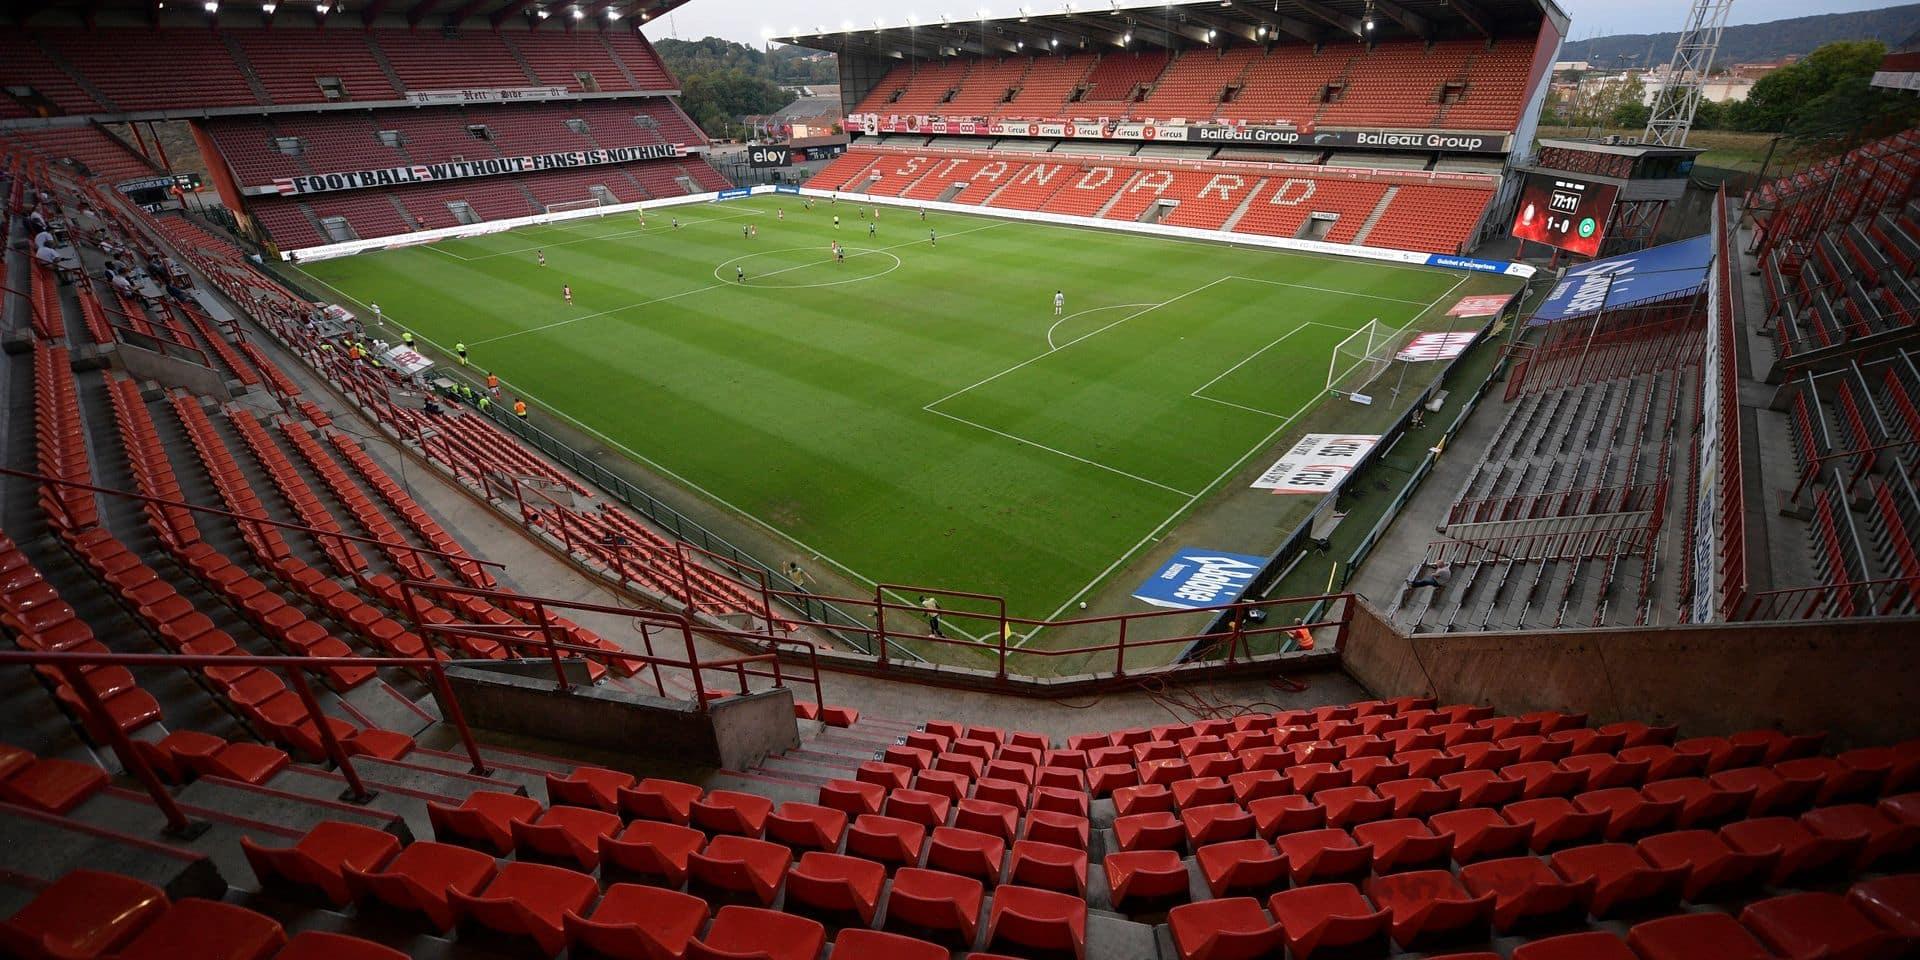 Retour des supporters à Sclessin: un formulaire doit être rempli avant de retourner au stade